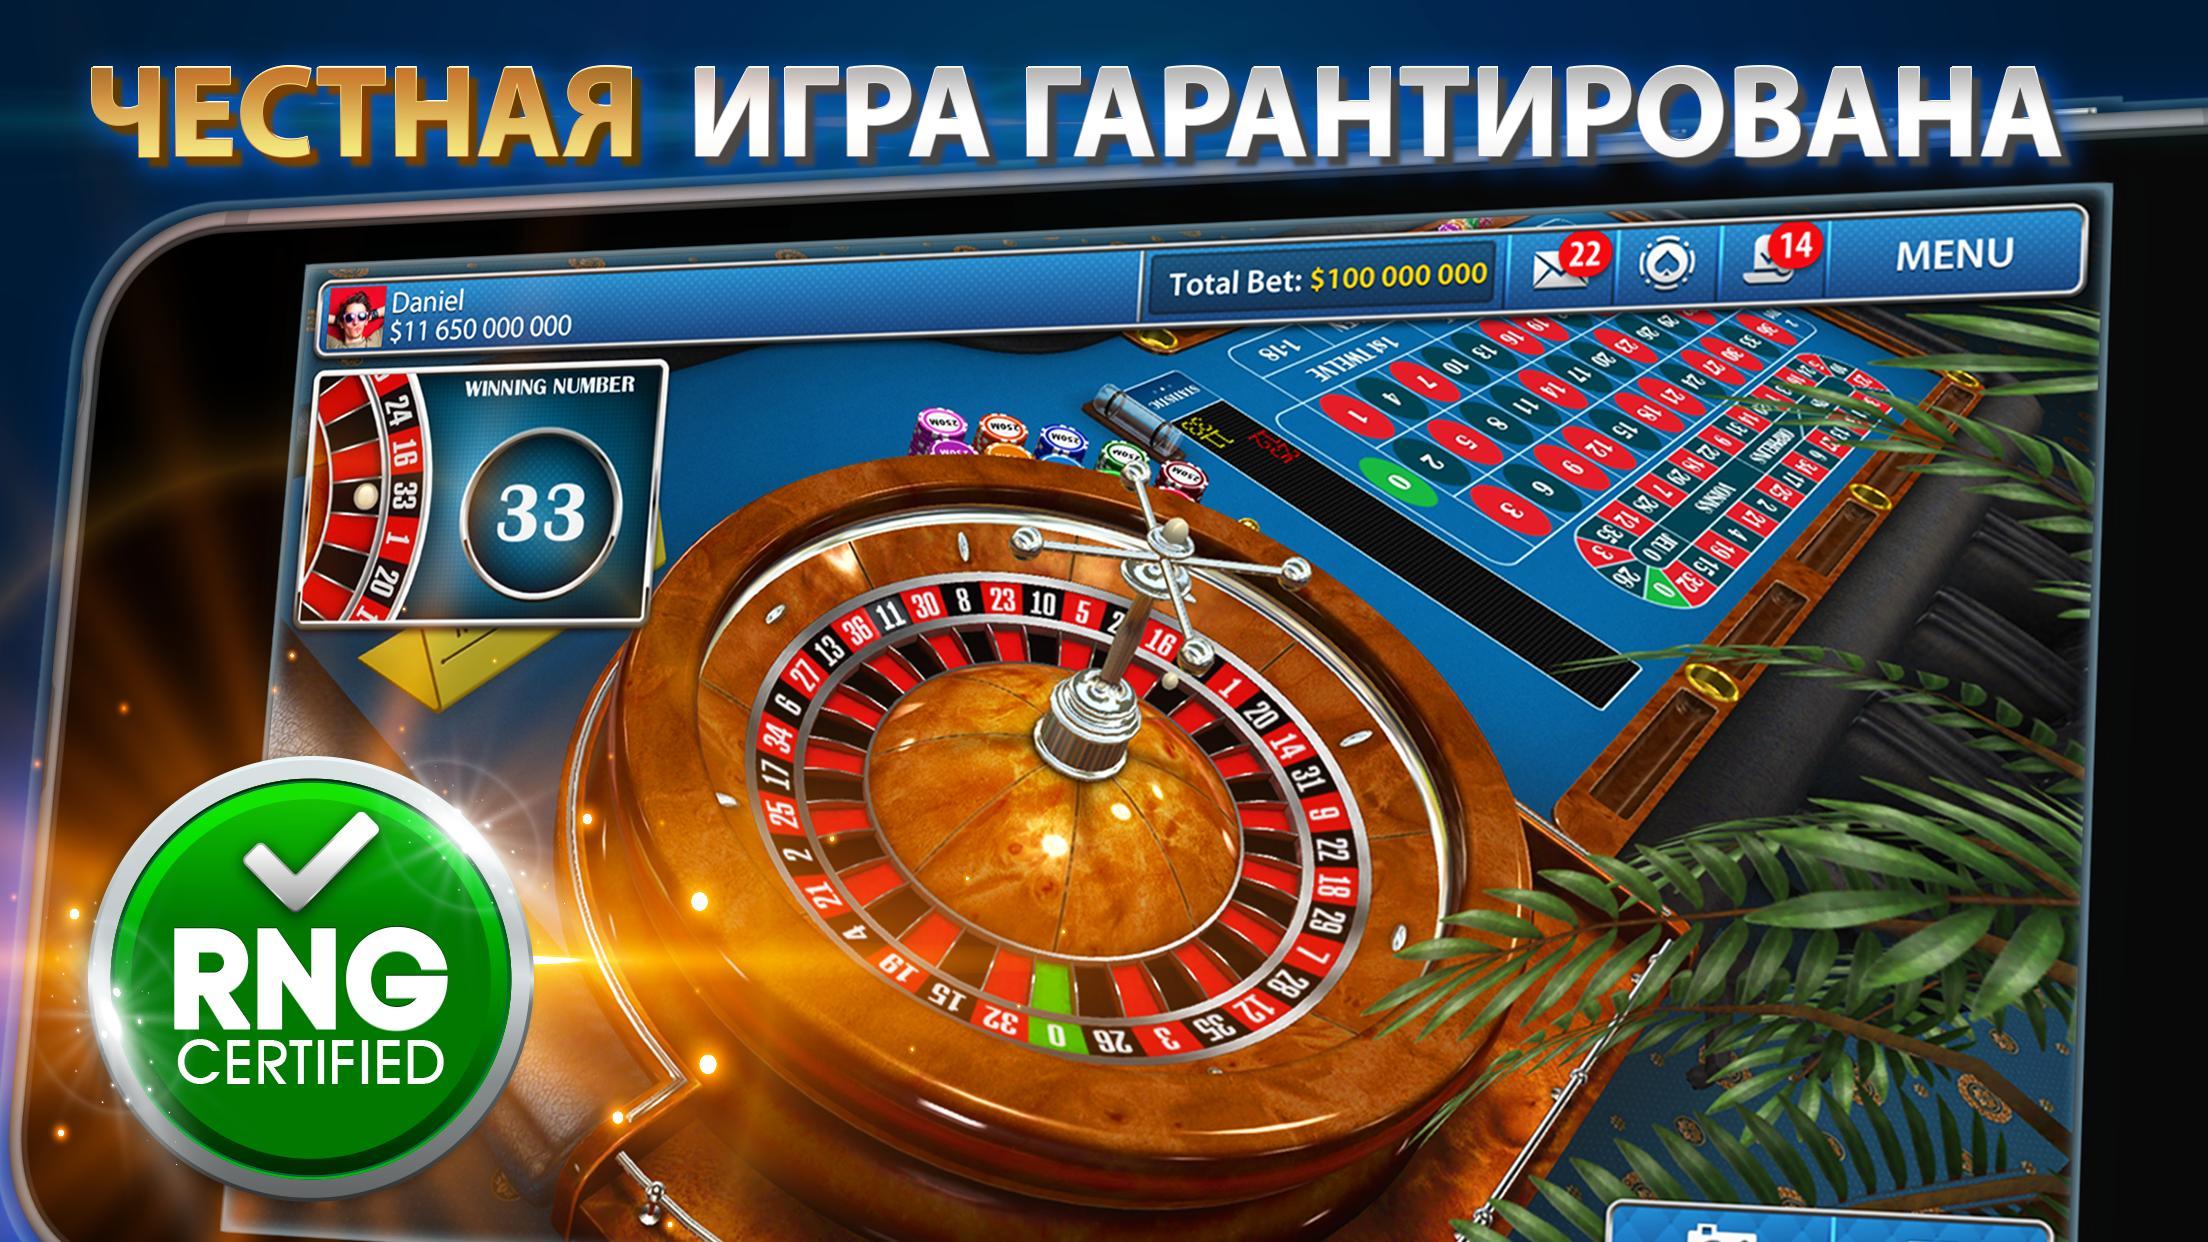 Мобильная онлайн рулетка скачать шарарам карта бесплатно получить играть